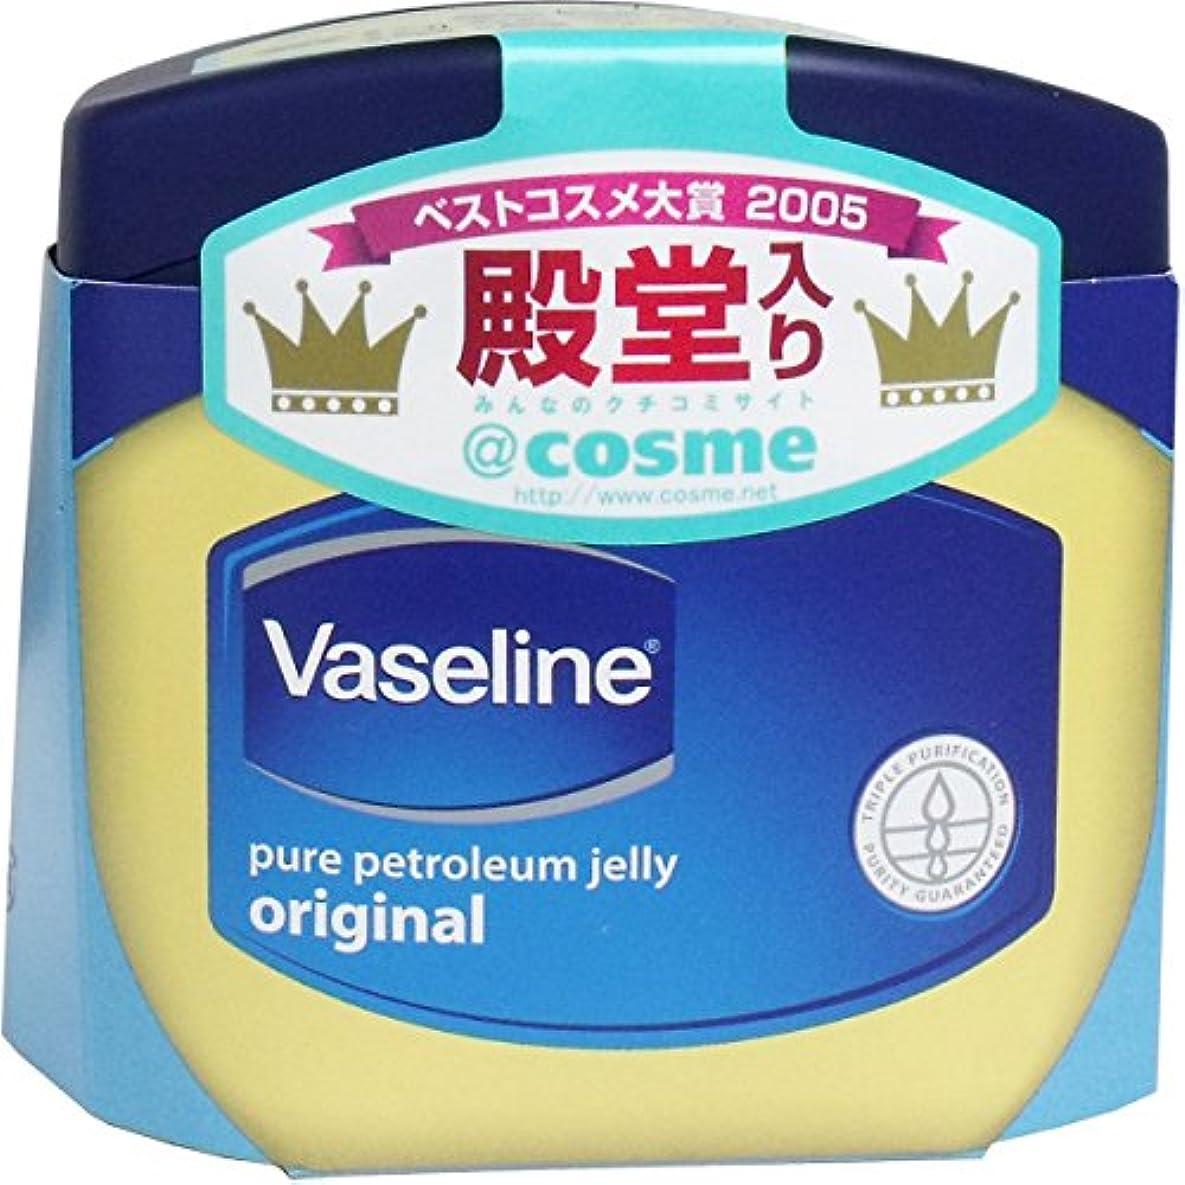 呪われた透ける疑問を超えて【Vaseline】ヴァセリン ピュアスキンジェリー (スキンオイル) 200g ×10個セット